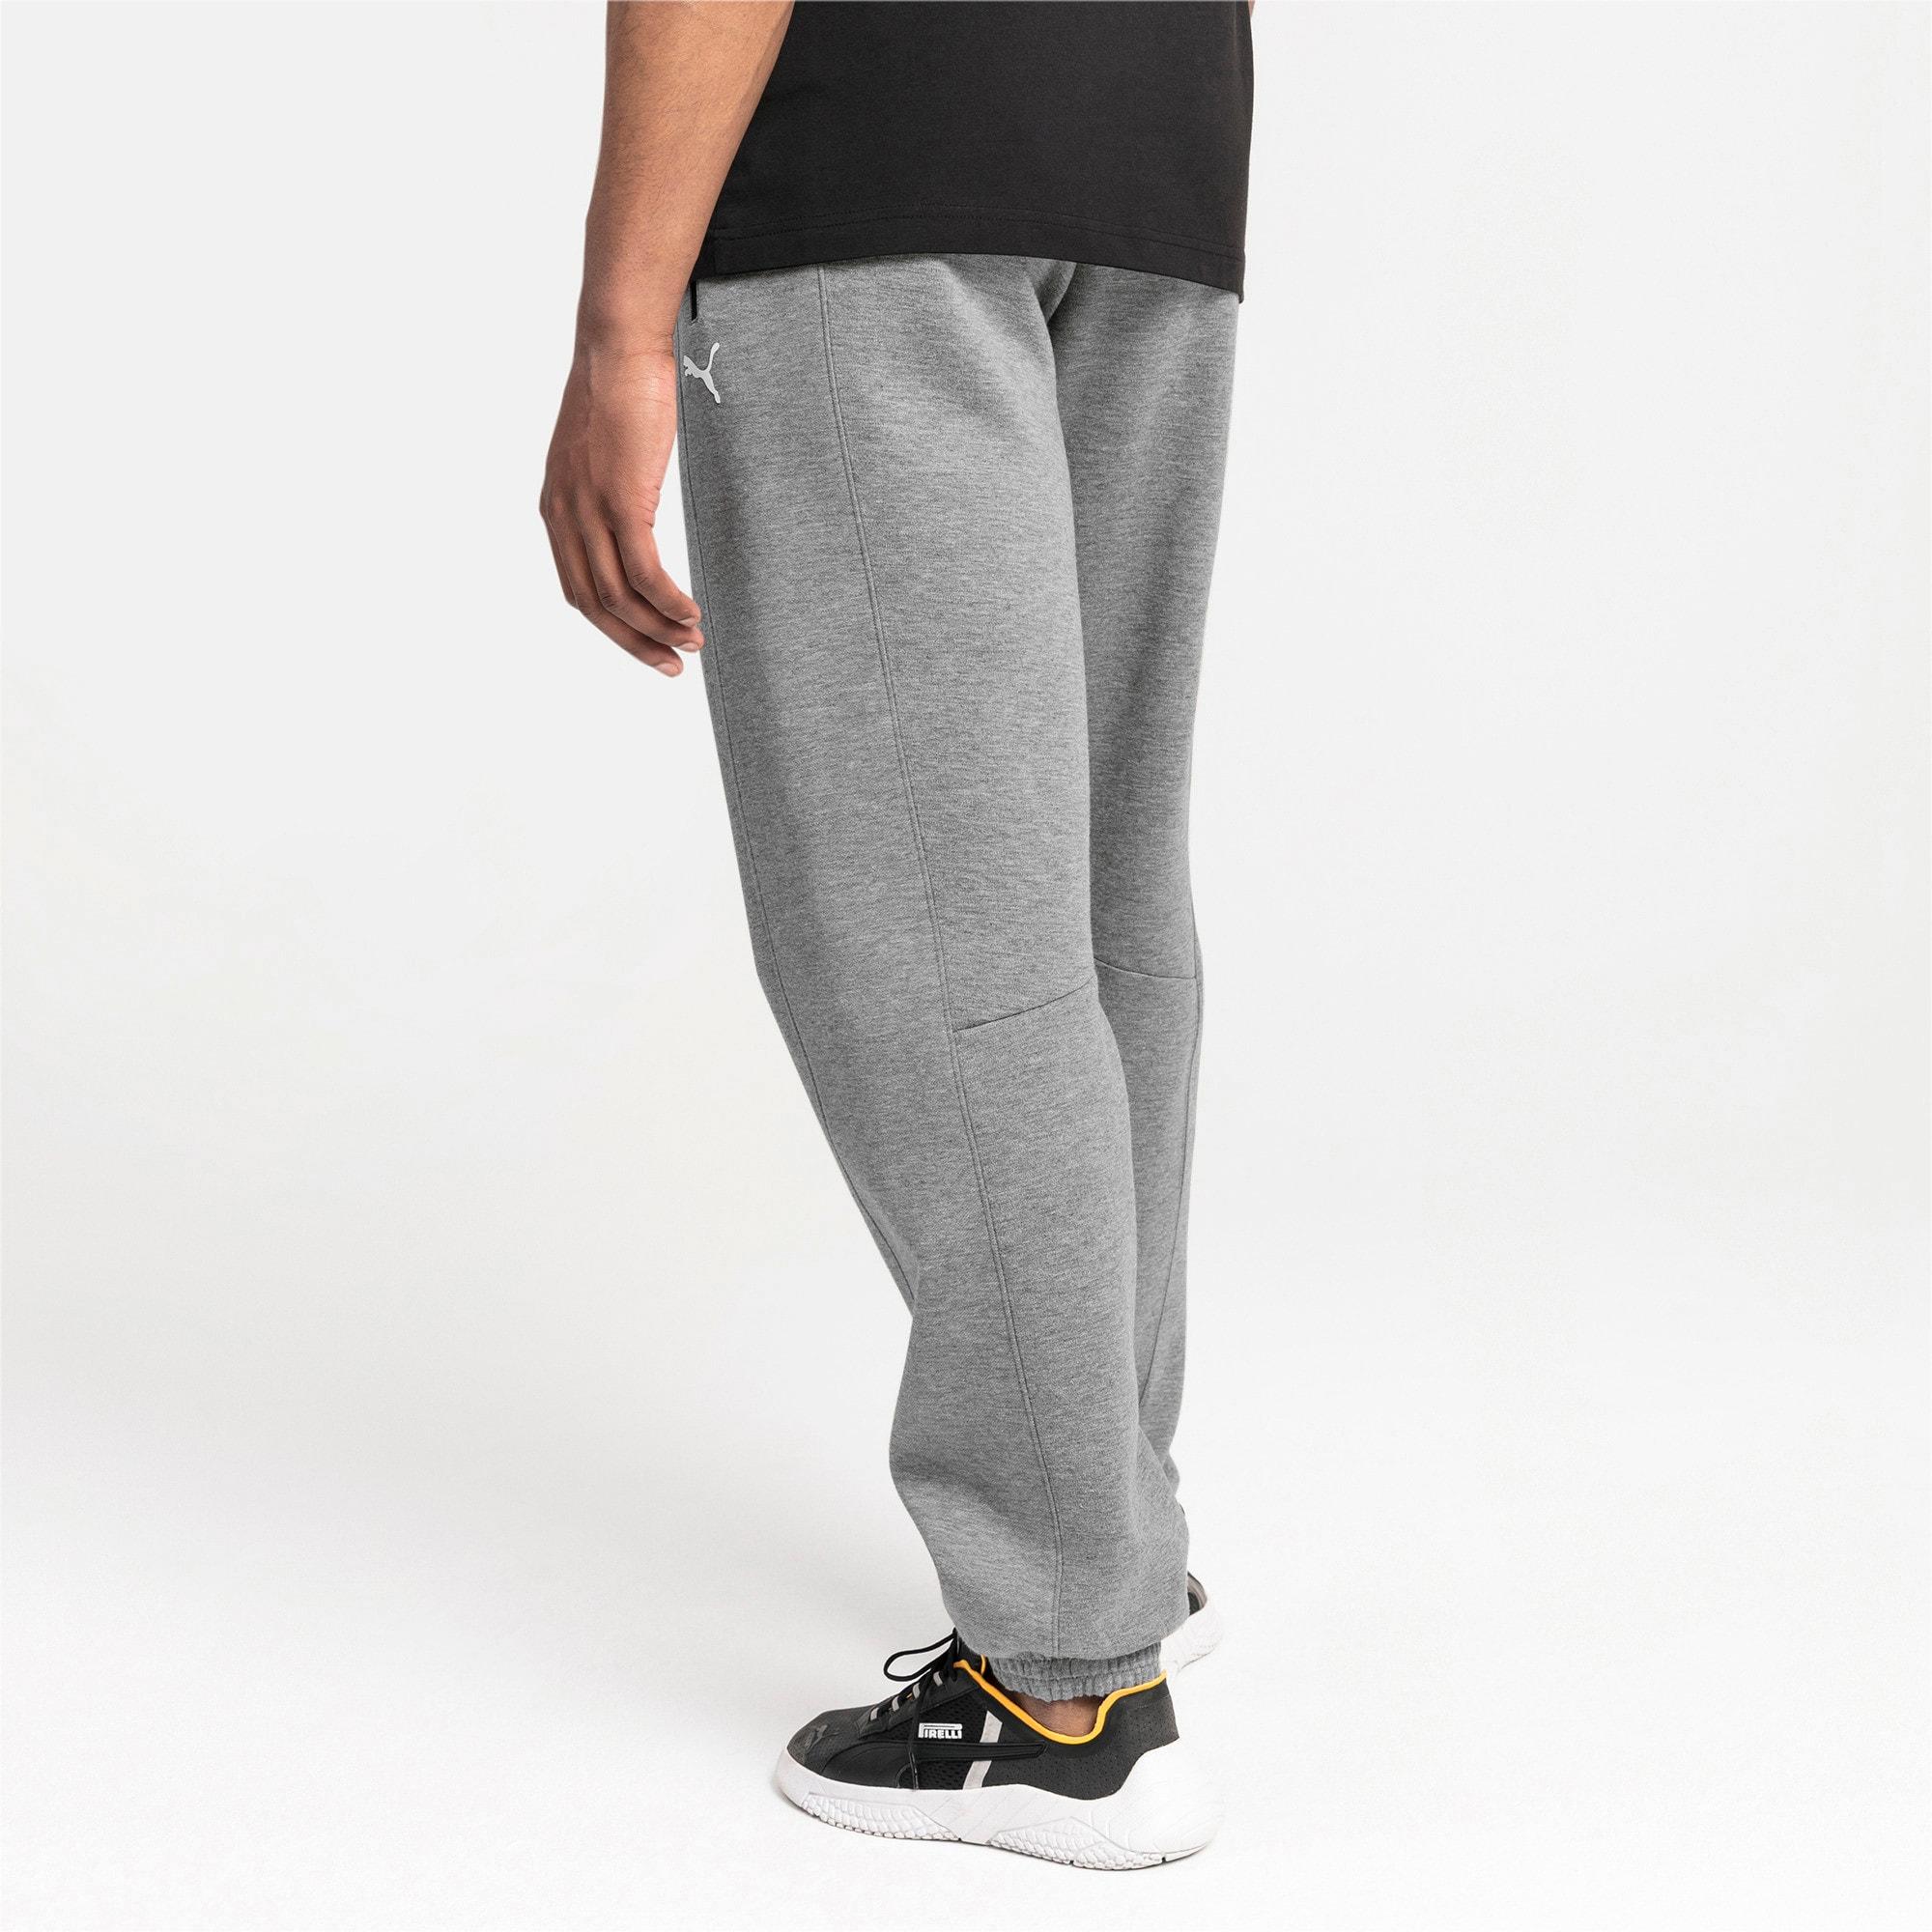 Thumbnail 2 of Ferrari Men's Sweatpants, Medium Gray Heather, medium